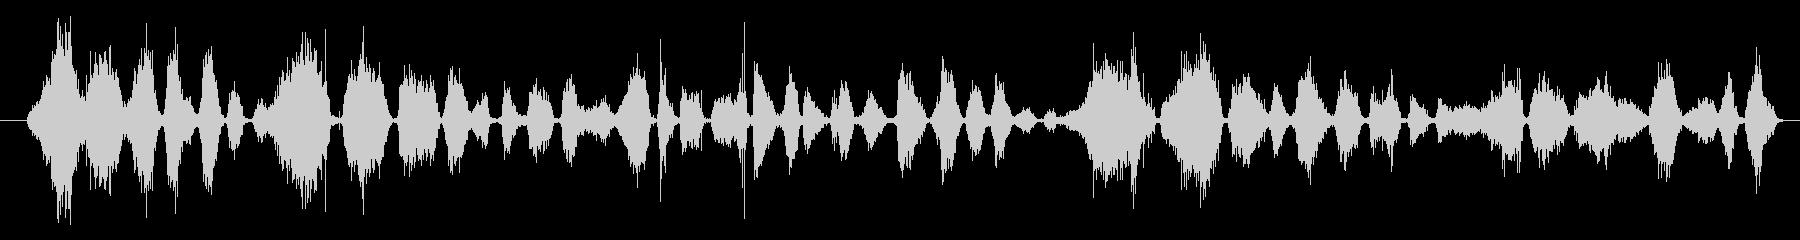 マーカー:ライティング、ロング、ペ...の未再生の波形